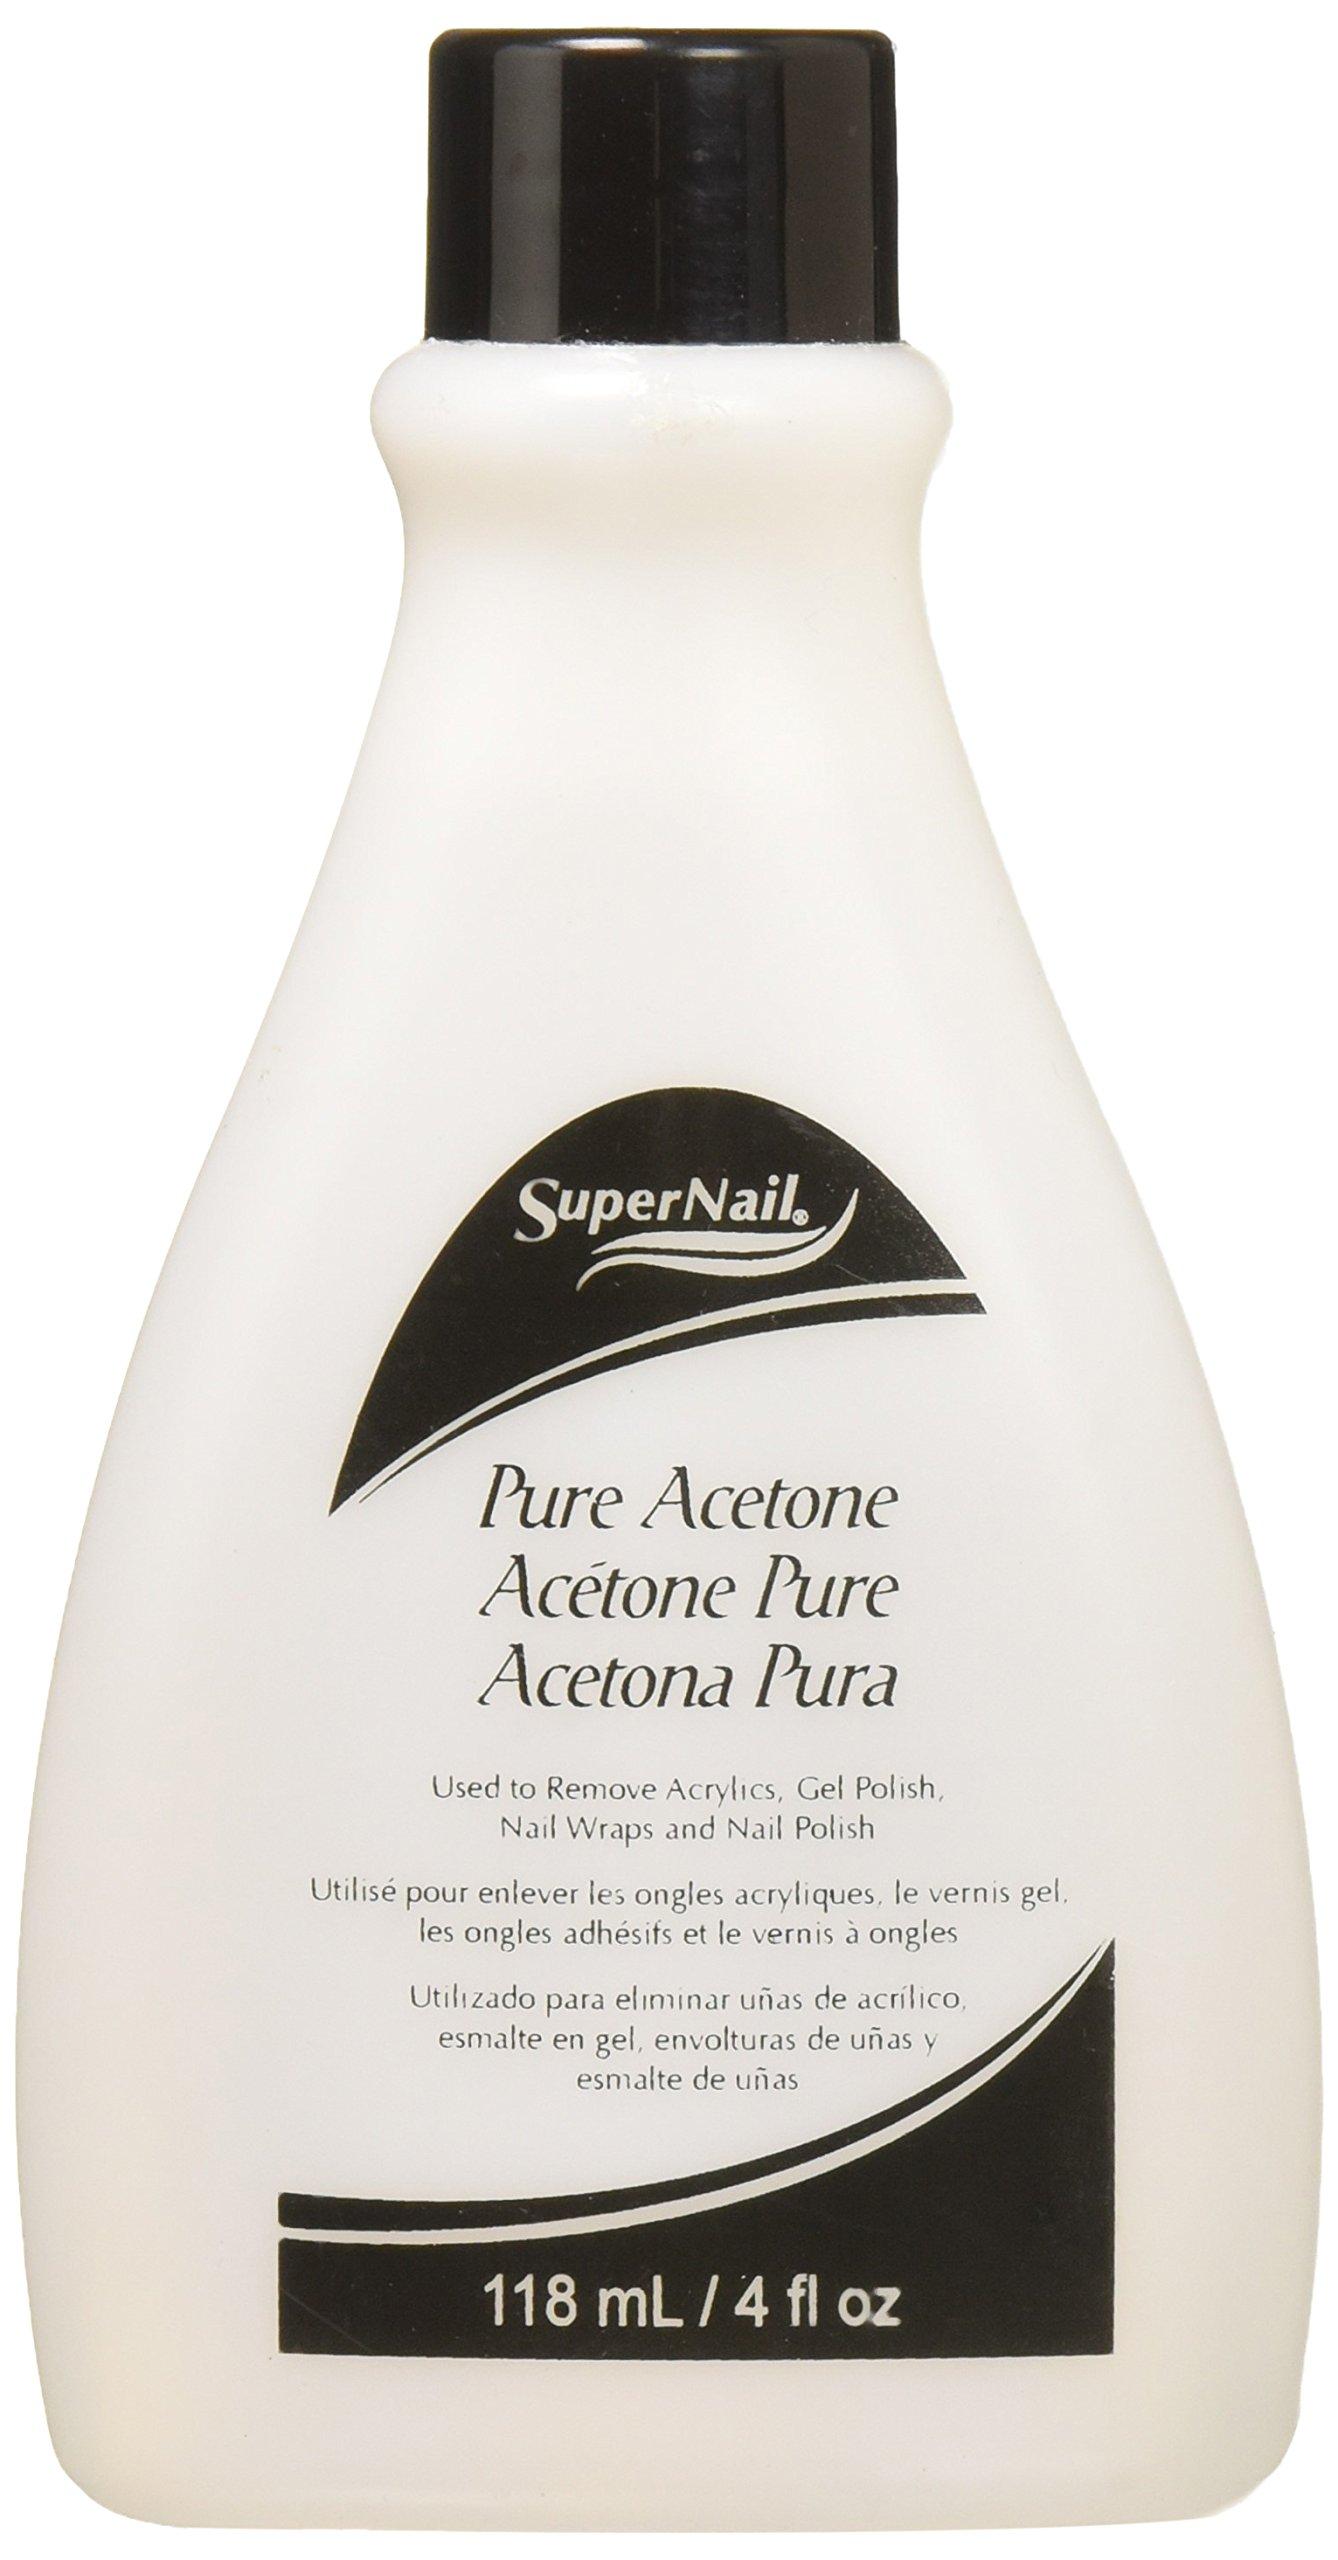 Super Nail Pure Acetone, 4 Fl Oz